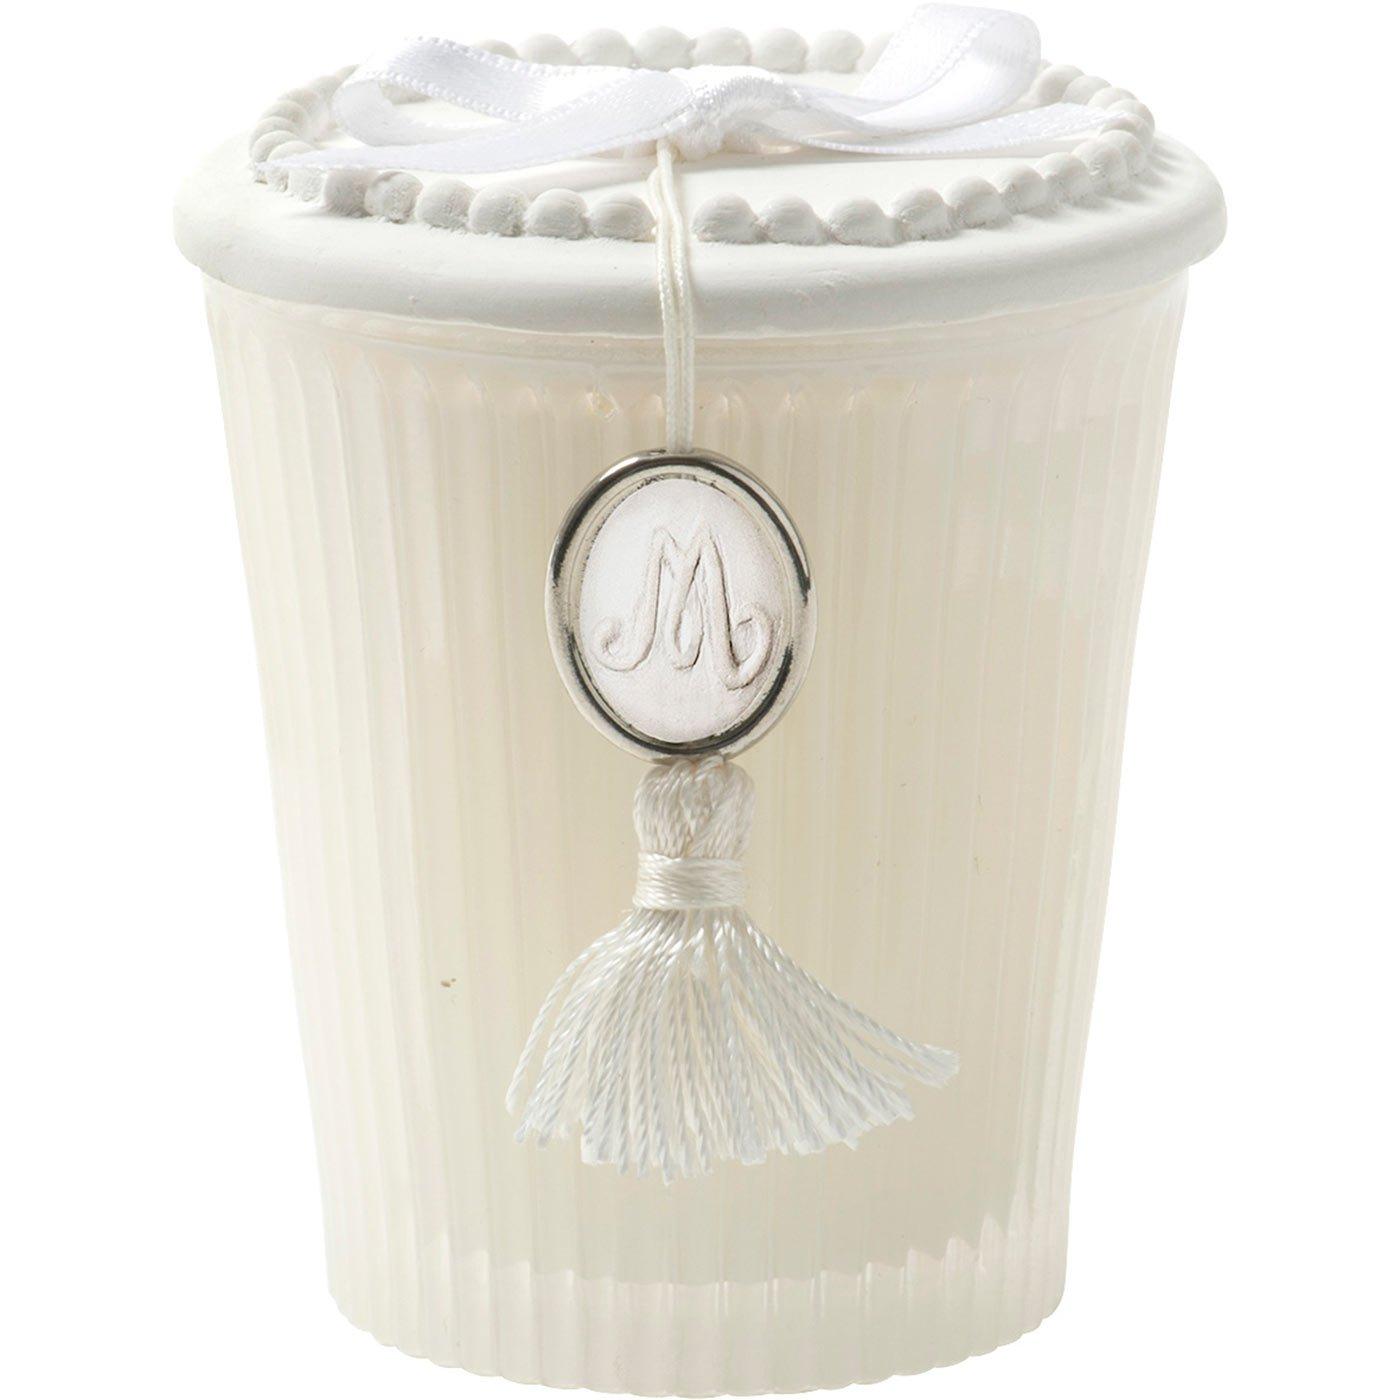 bougie les intemporelsPM, parfum poudre de riz Mathilde M